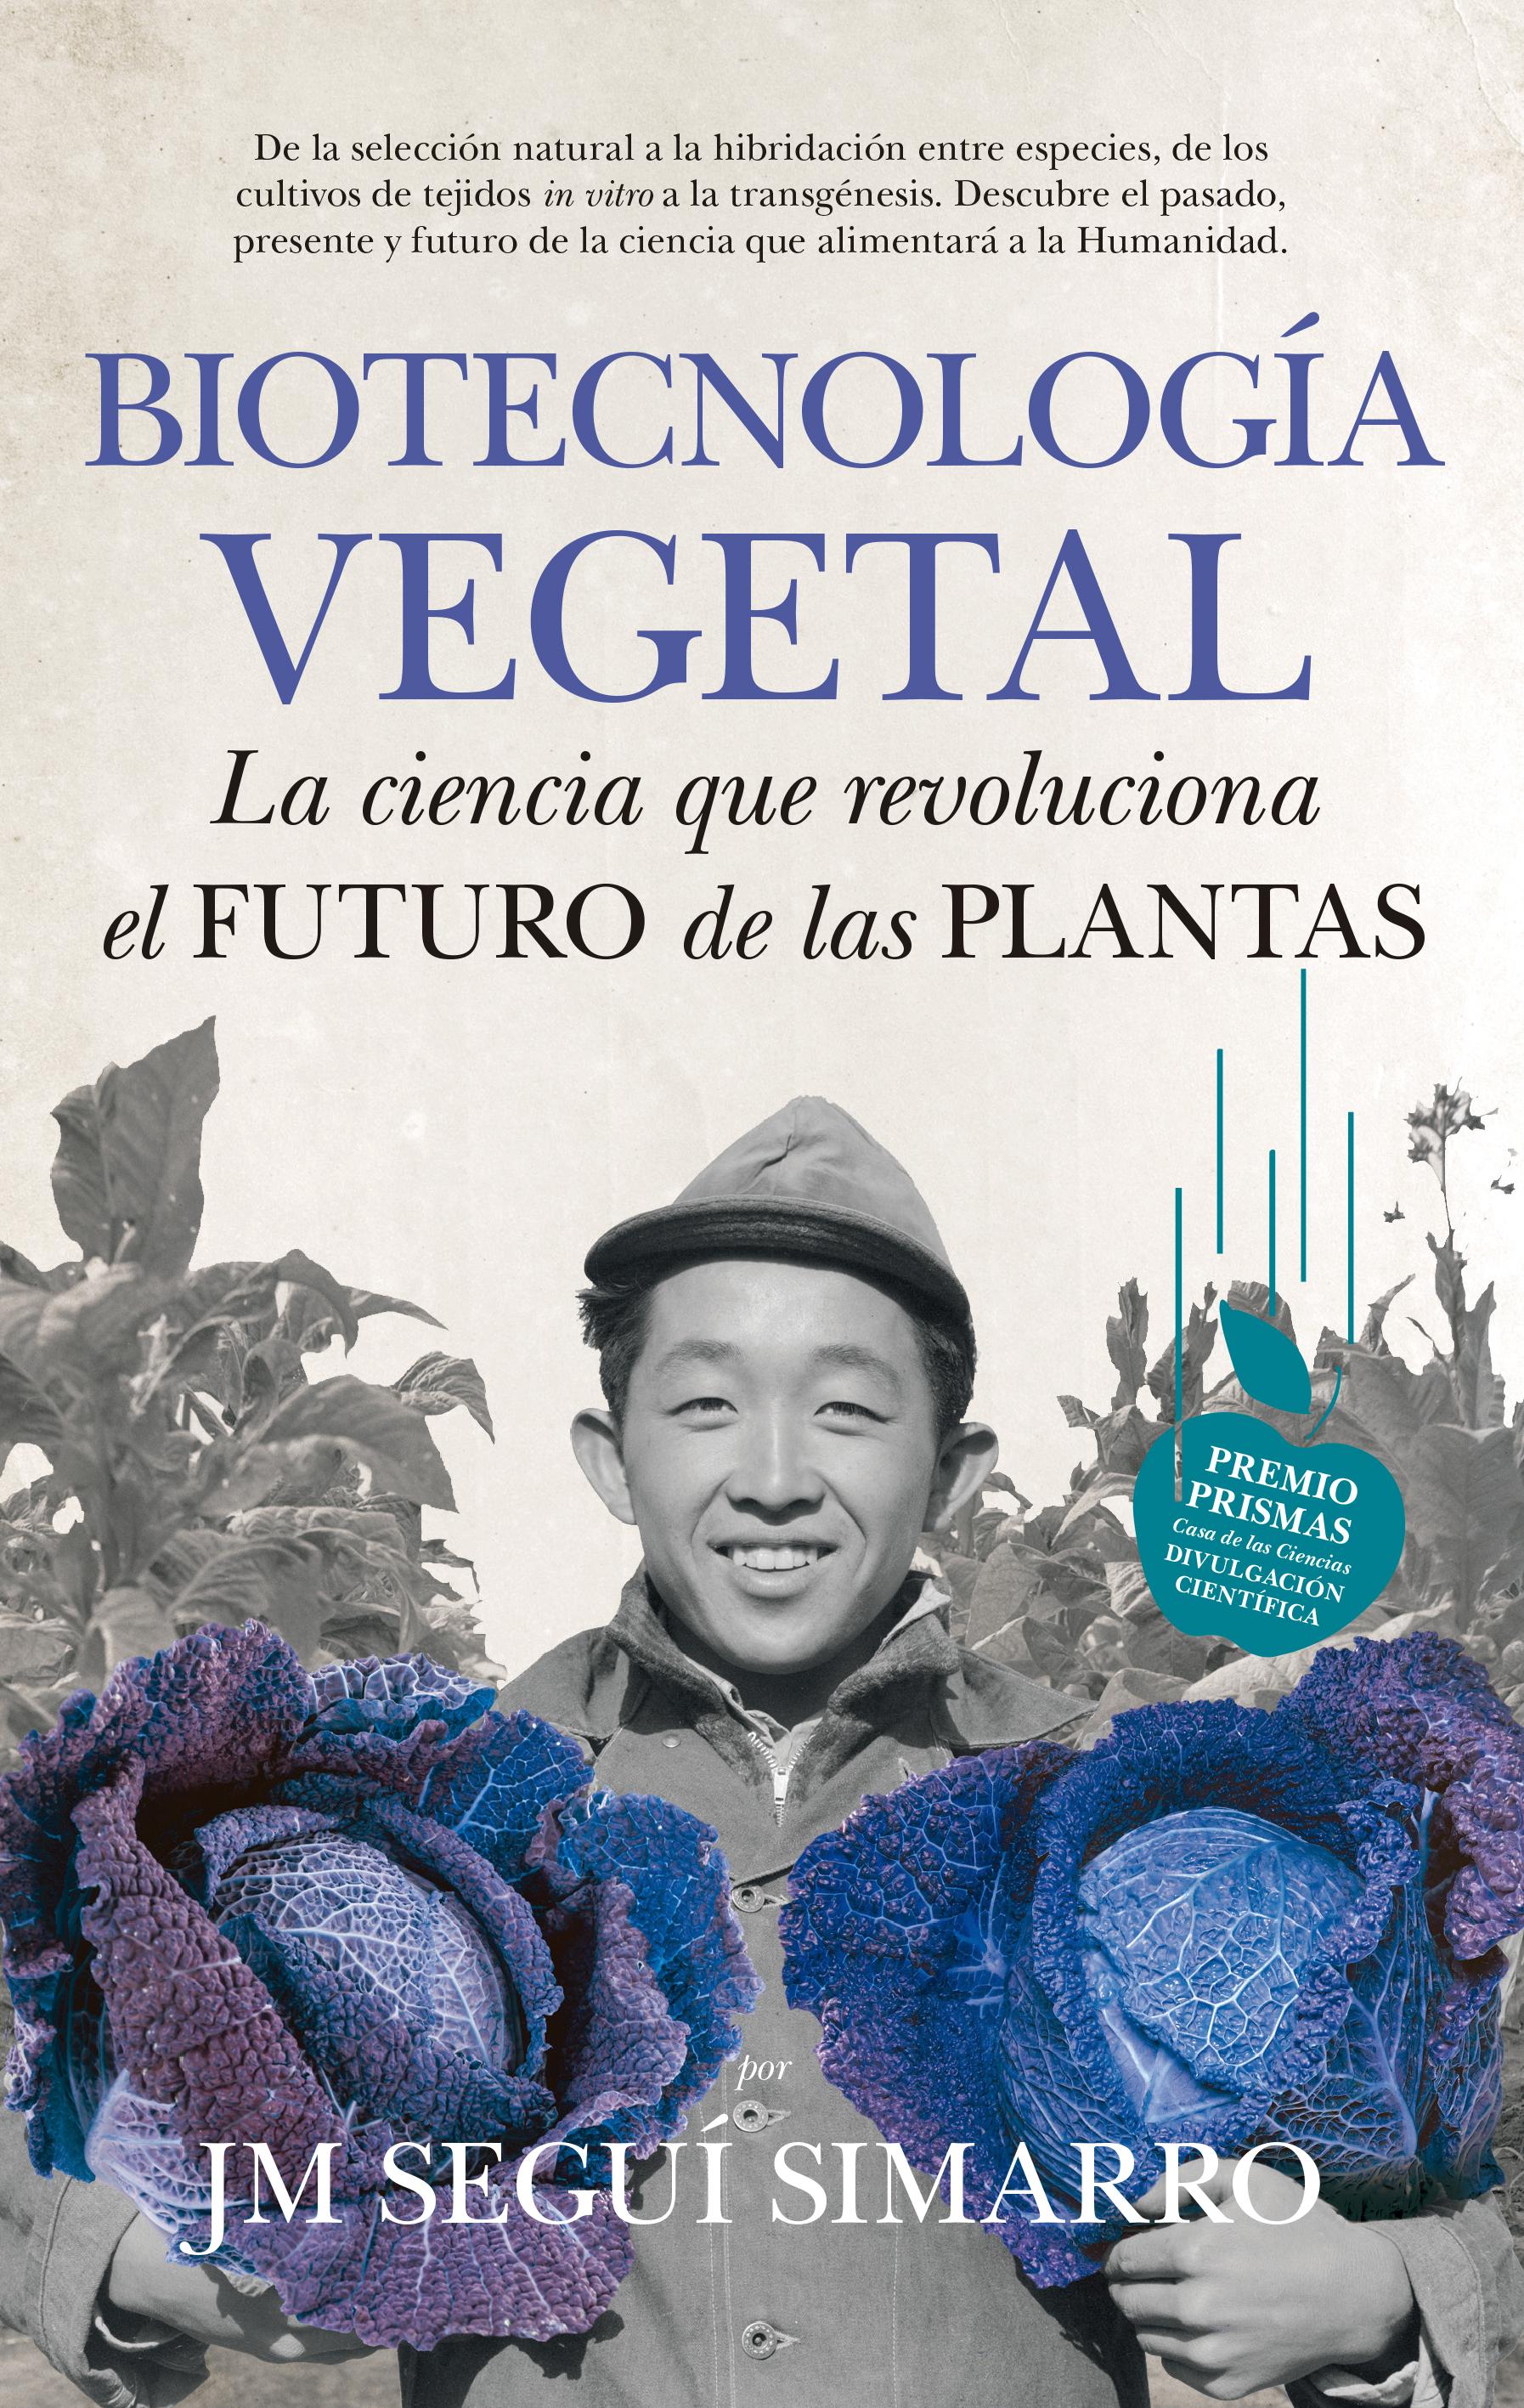 Portada del libro «Biotecnología Vegetal»